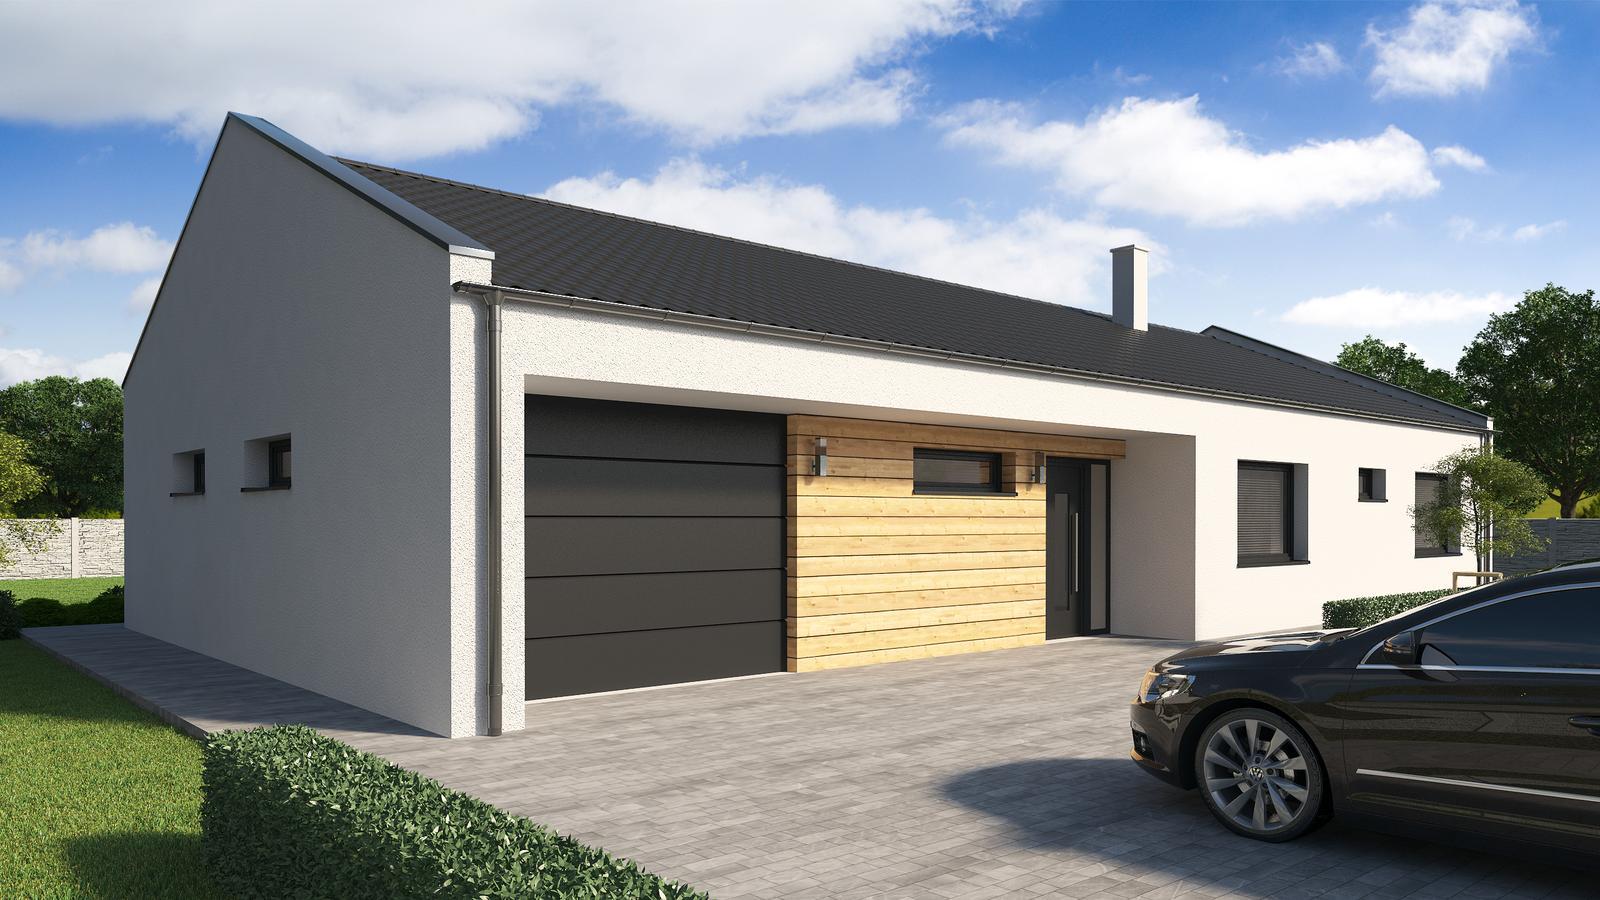 Ďalšie ukážky návrhov domčekov pre Vás - www.rodinny-dom.eu - Obrázok č. 23